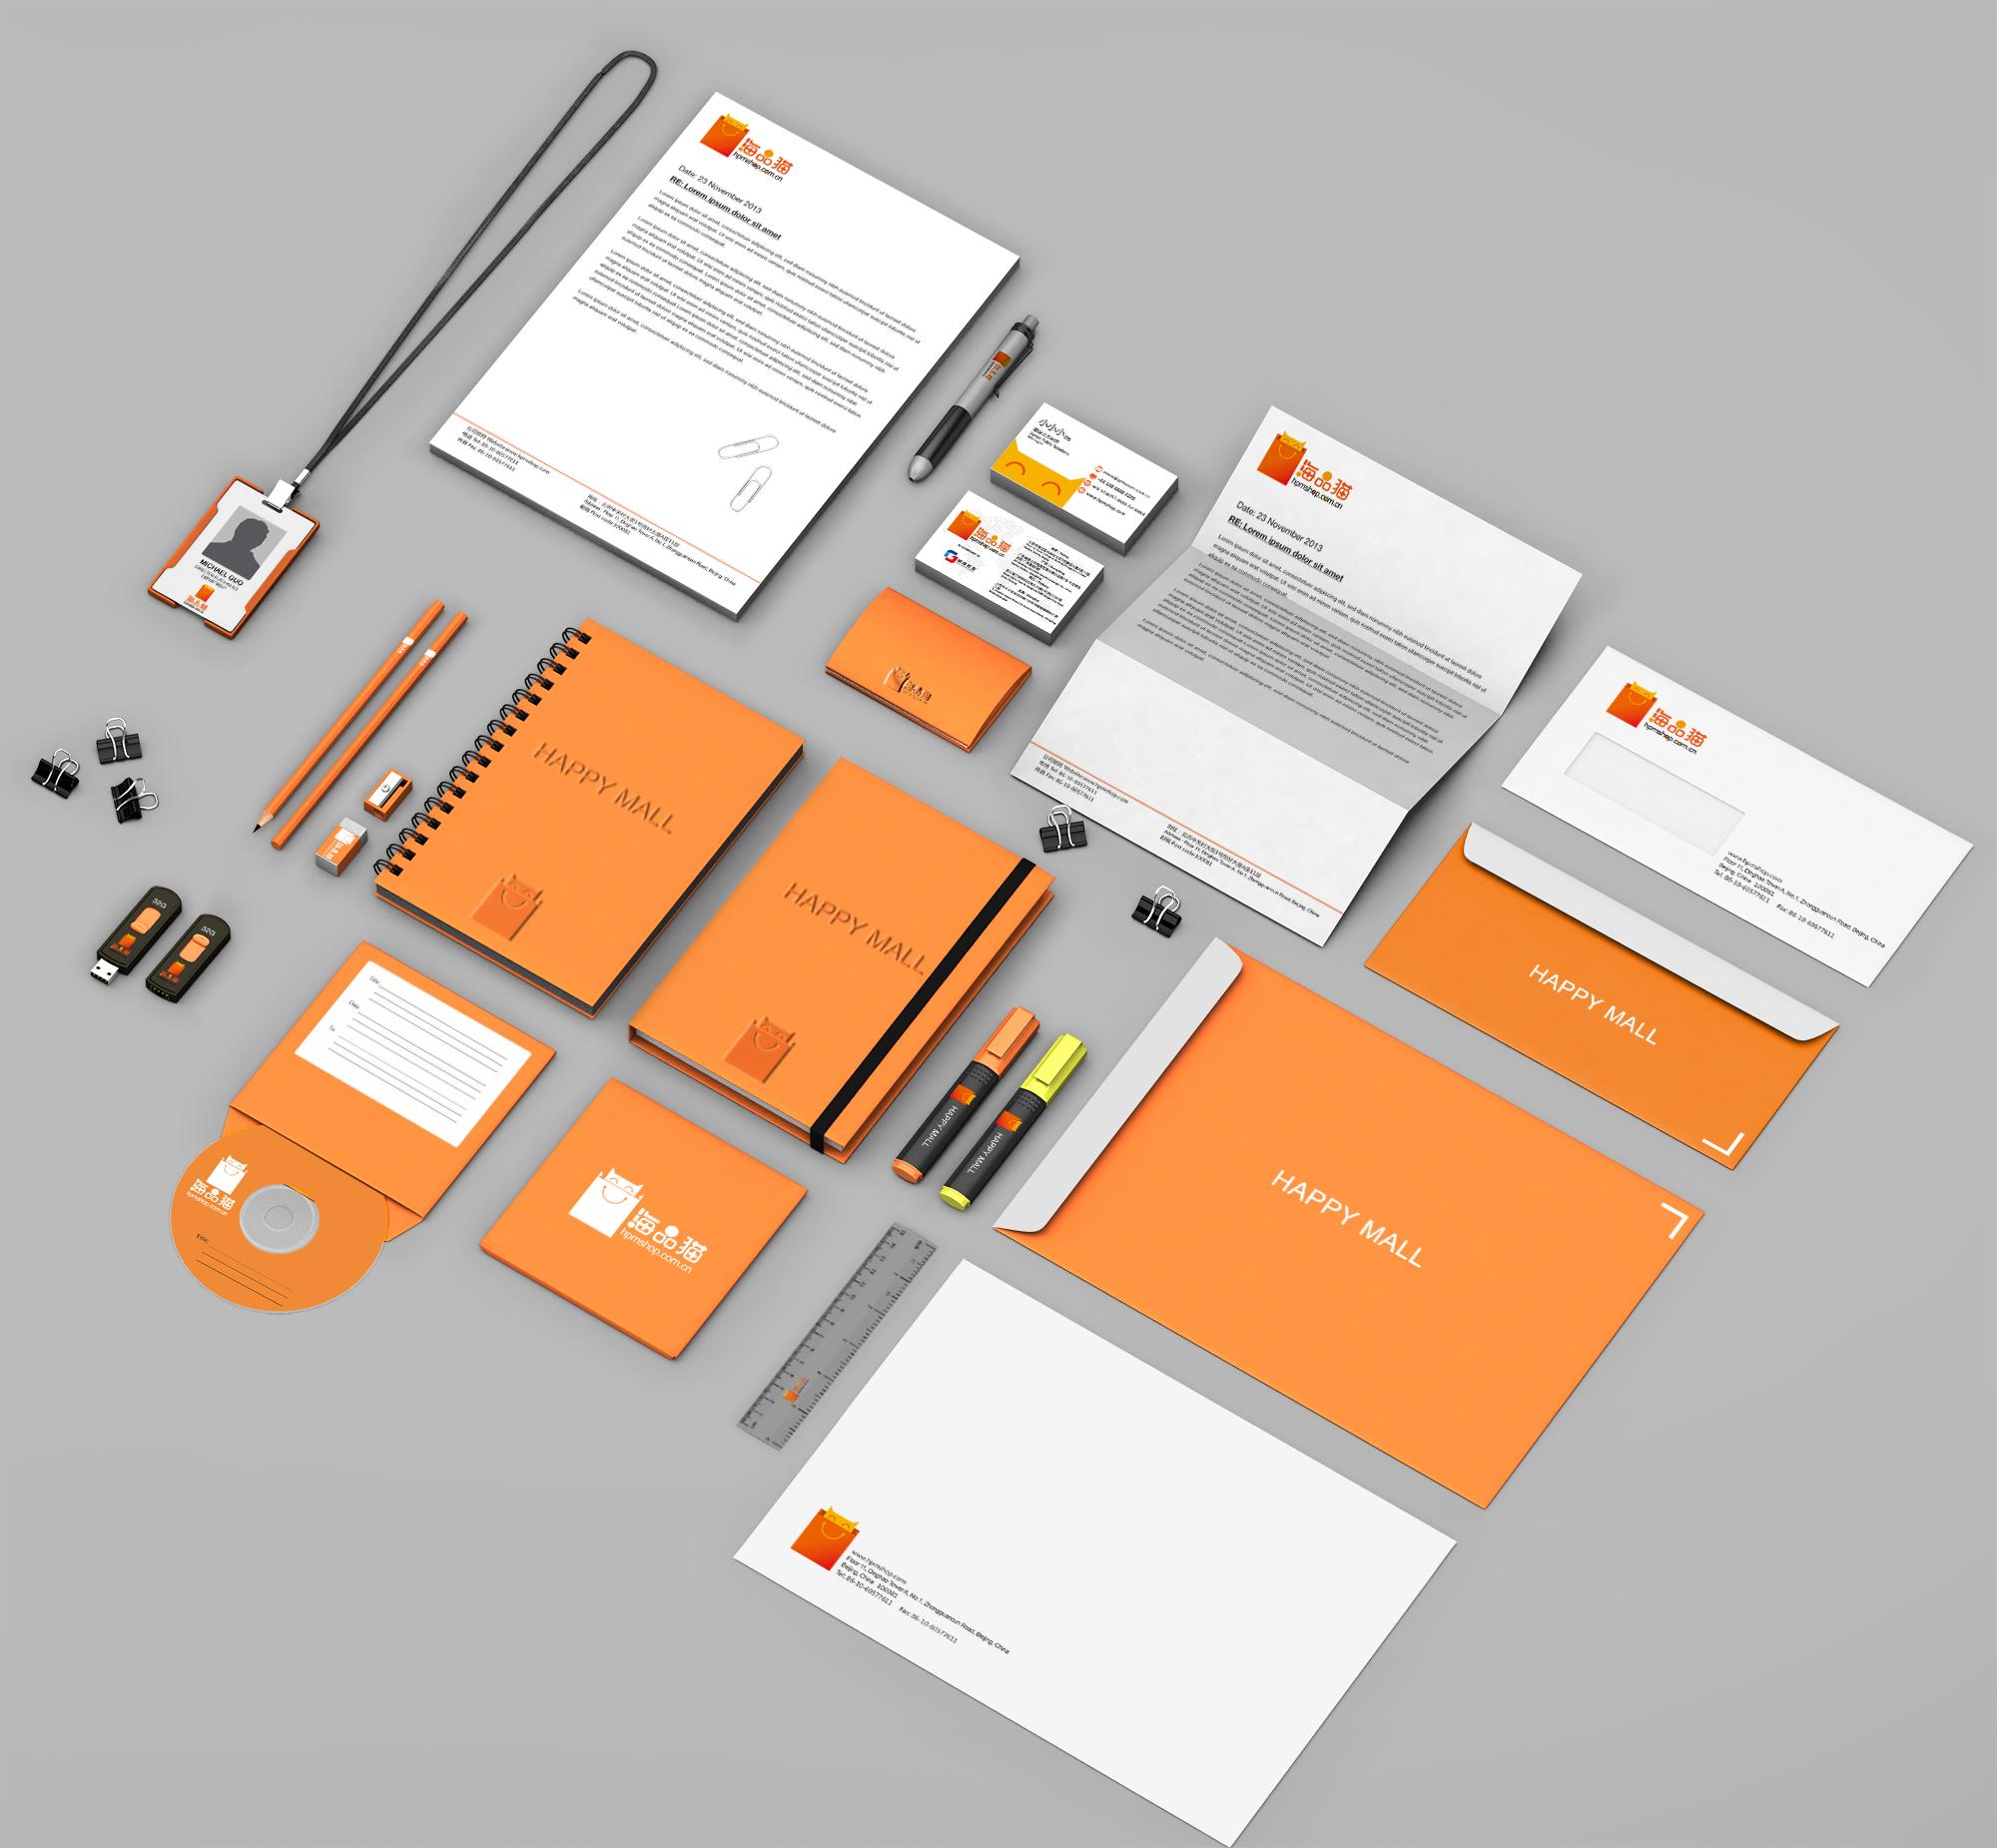 企业vi设计|平面|品牌|王子晓静 - 原创作品 - 站酷图片